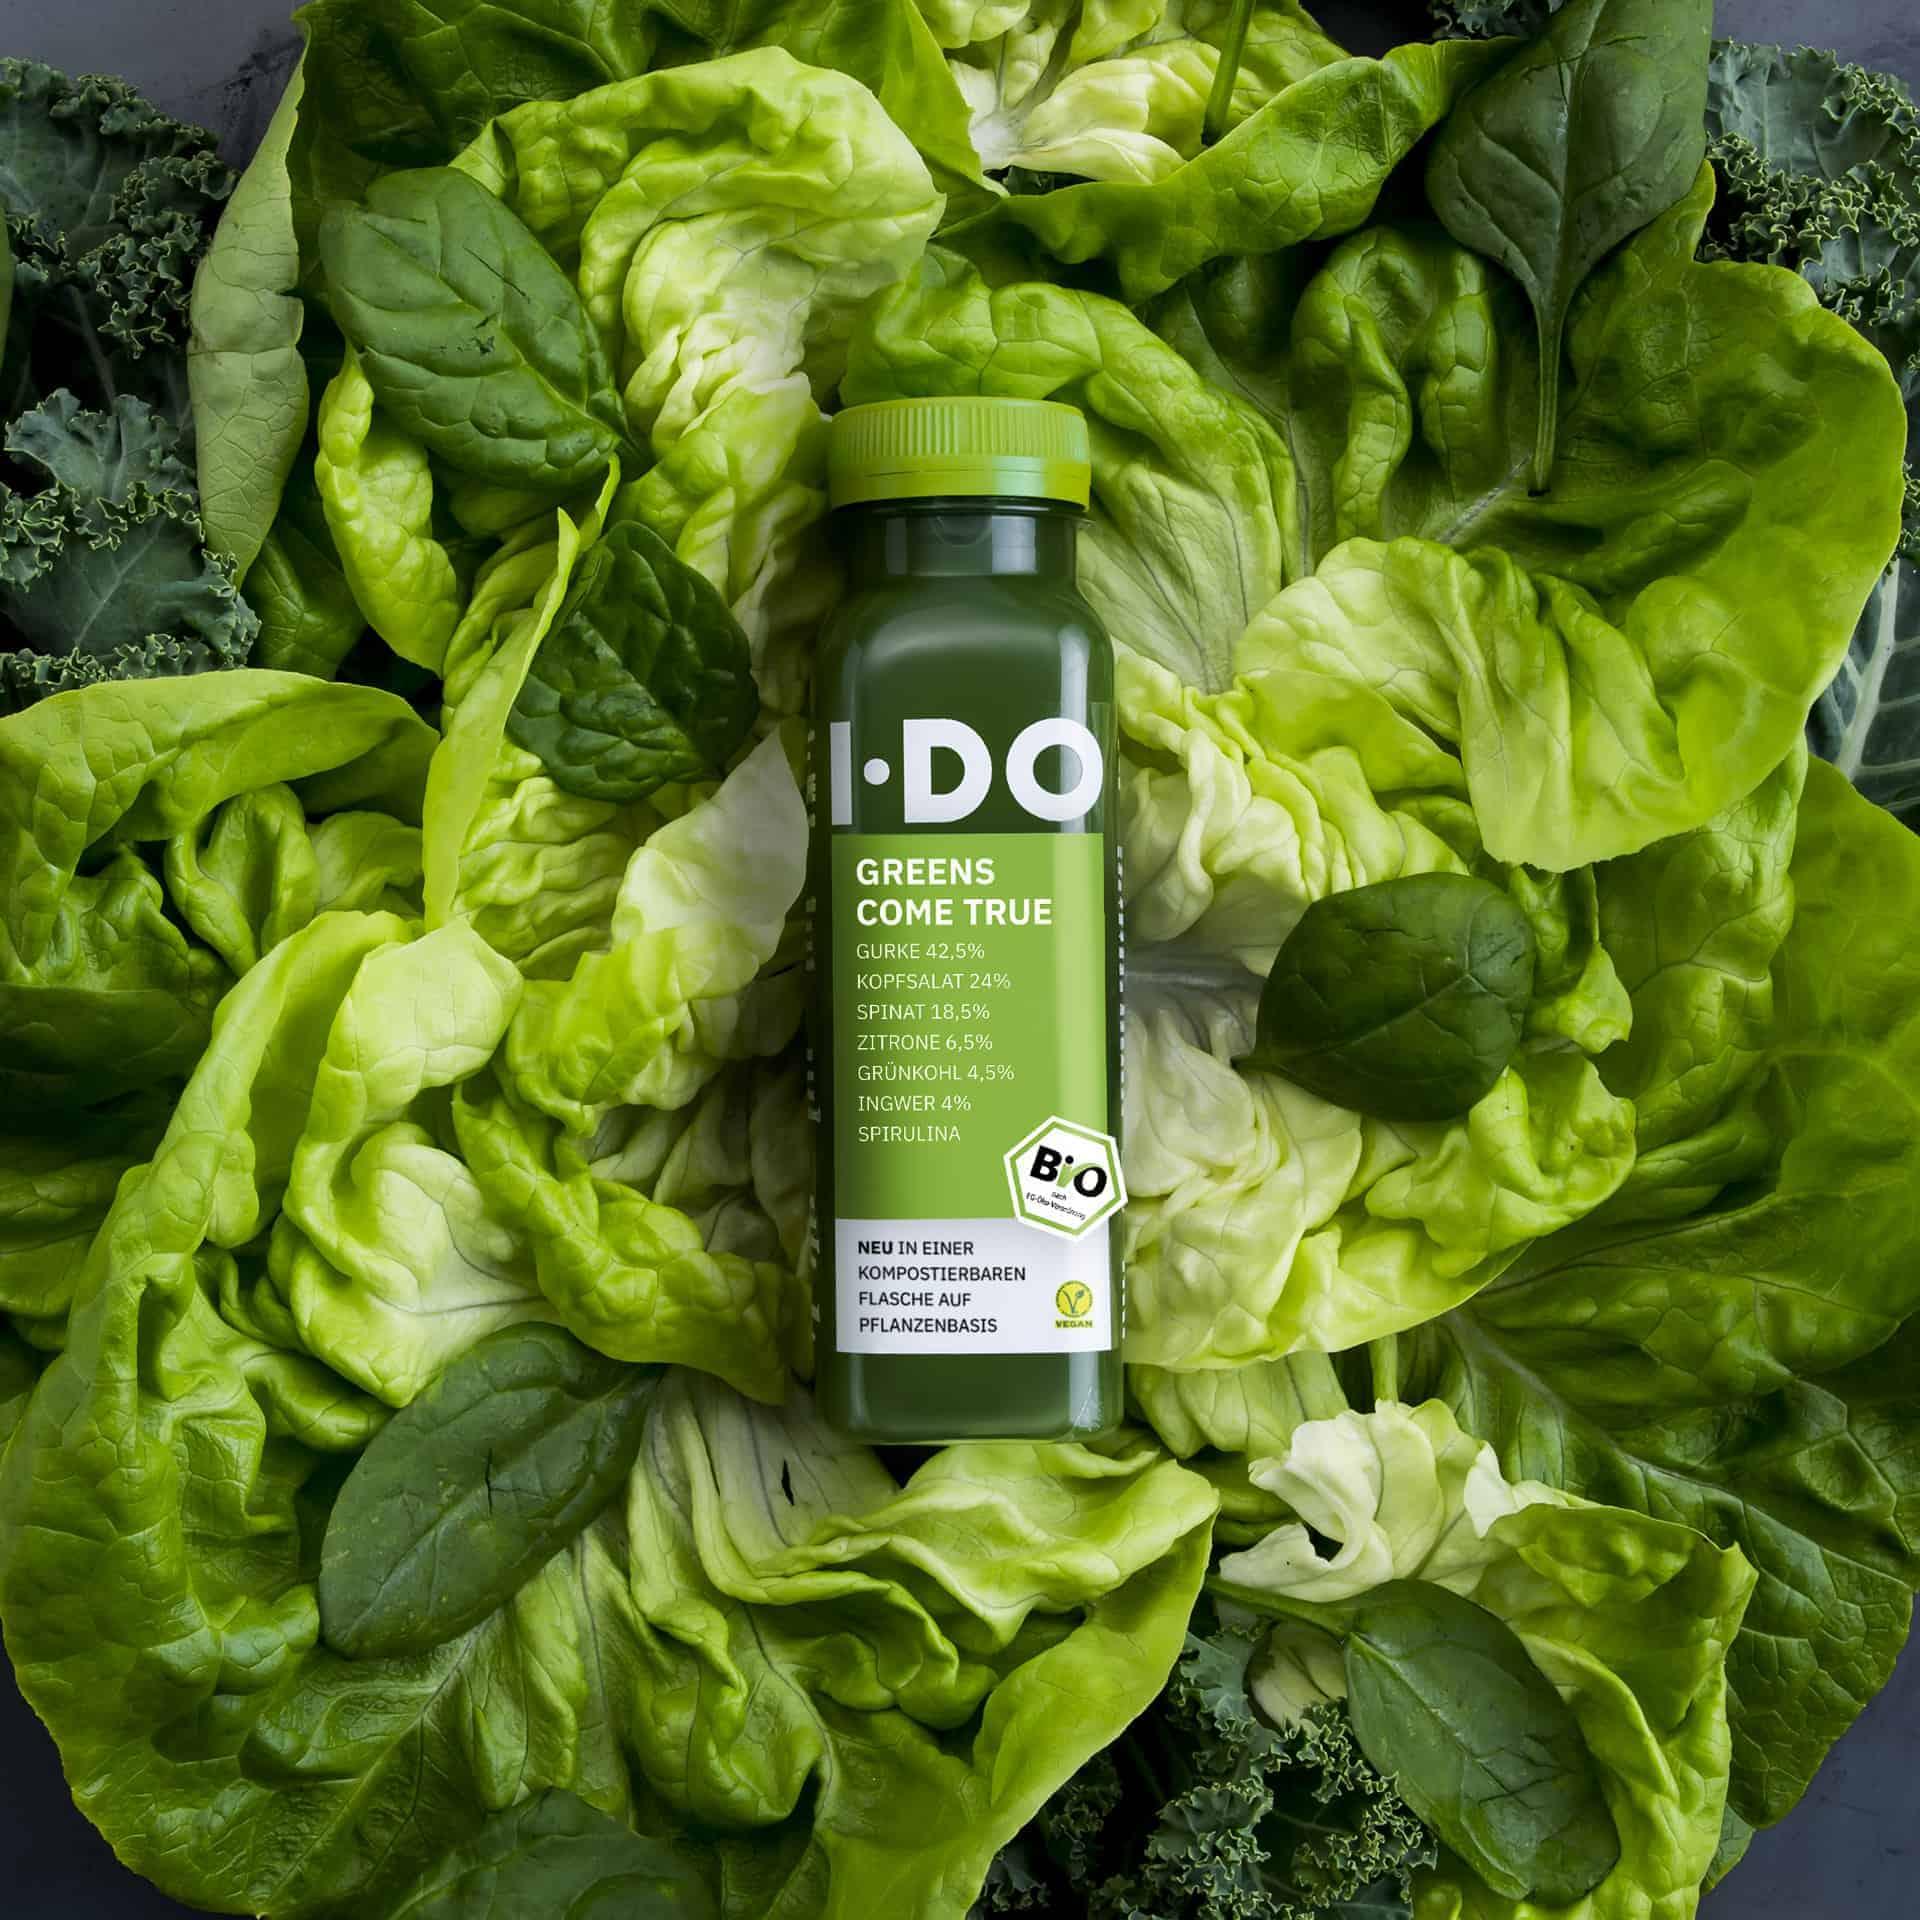 IDO Greens Come True Biosaft in einer kompostierbaren PLA Flasche